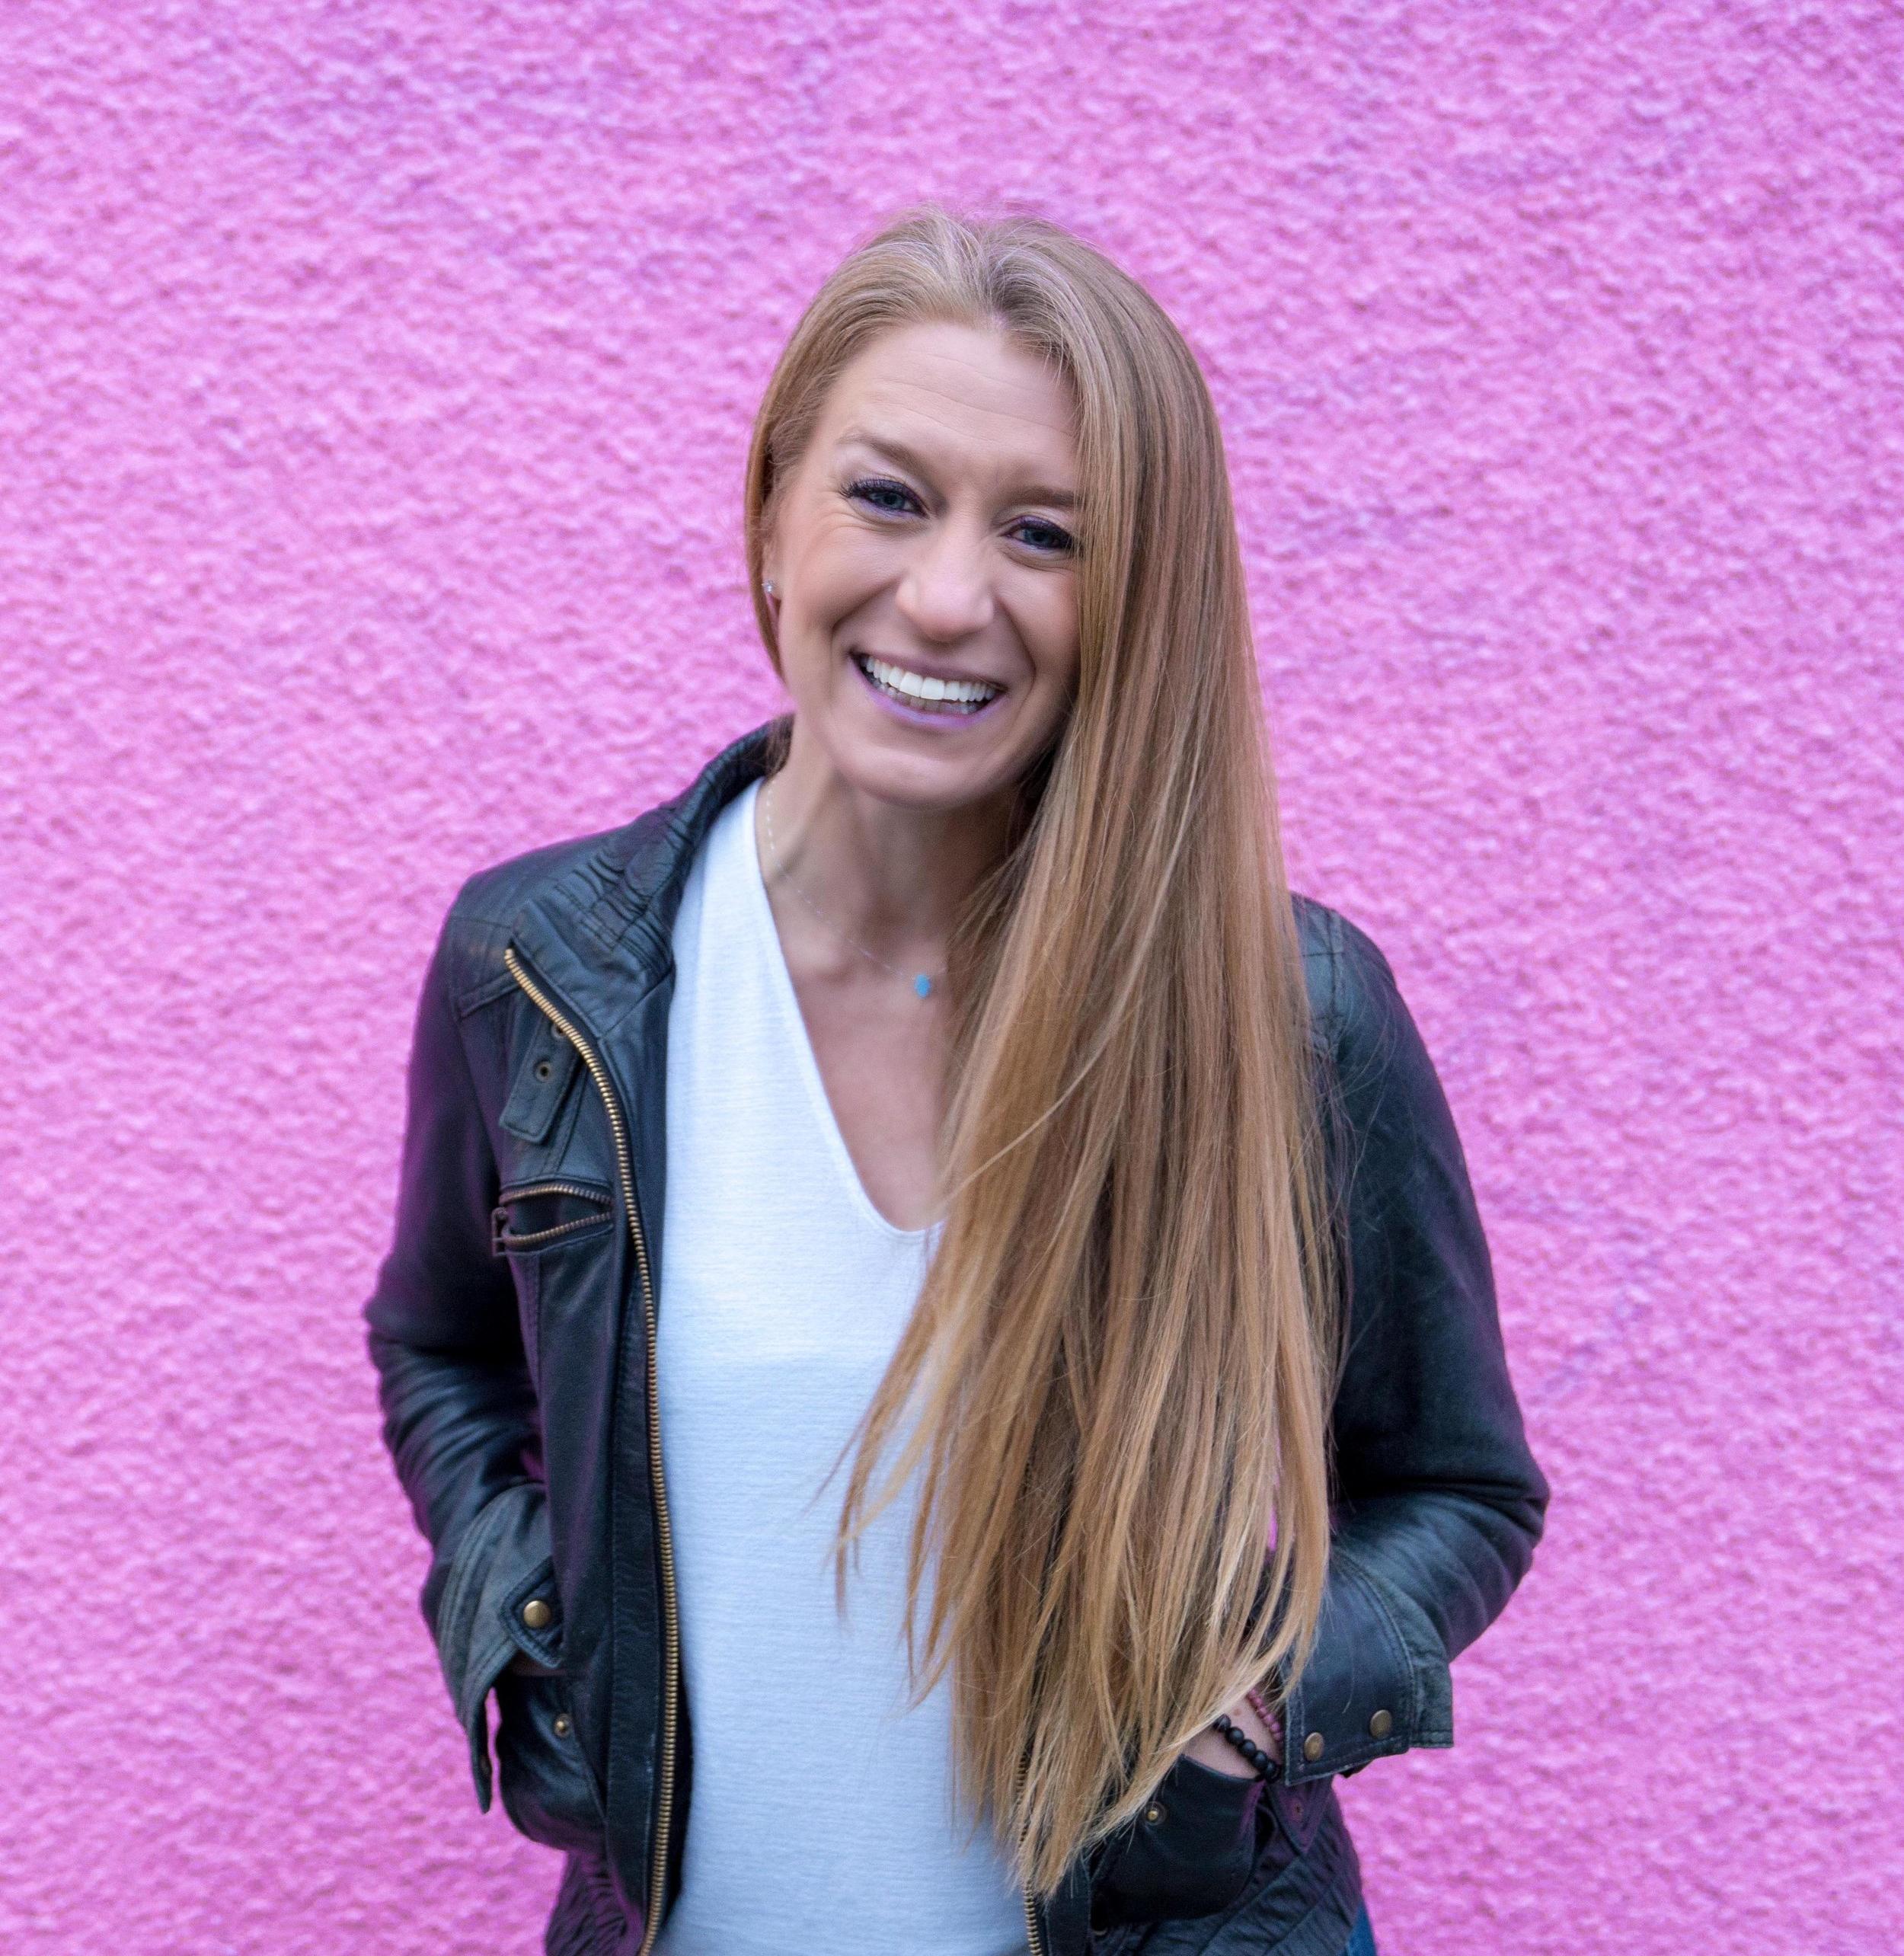 MelanieLevenberg_Fullbody